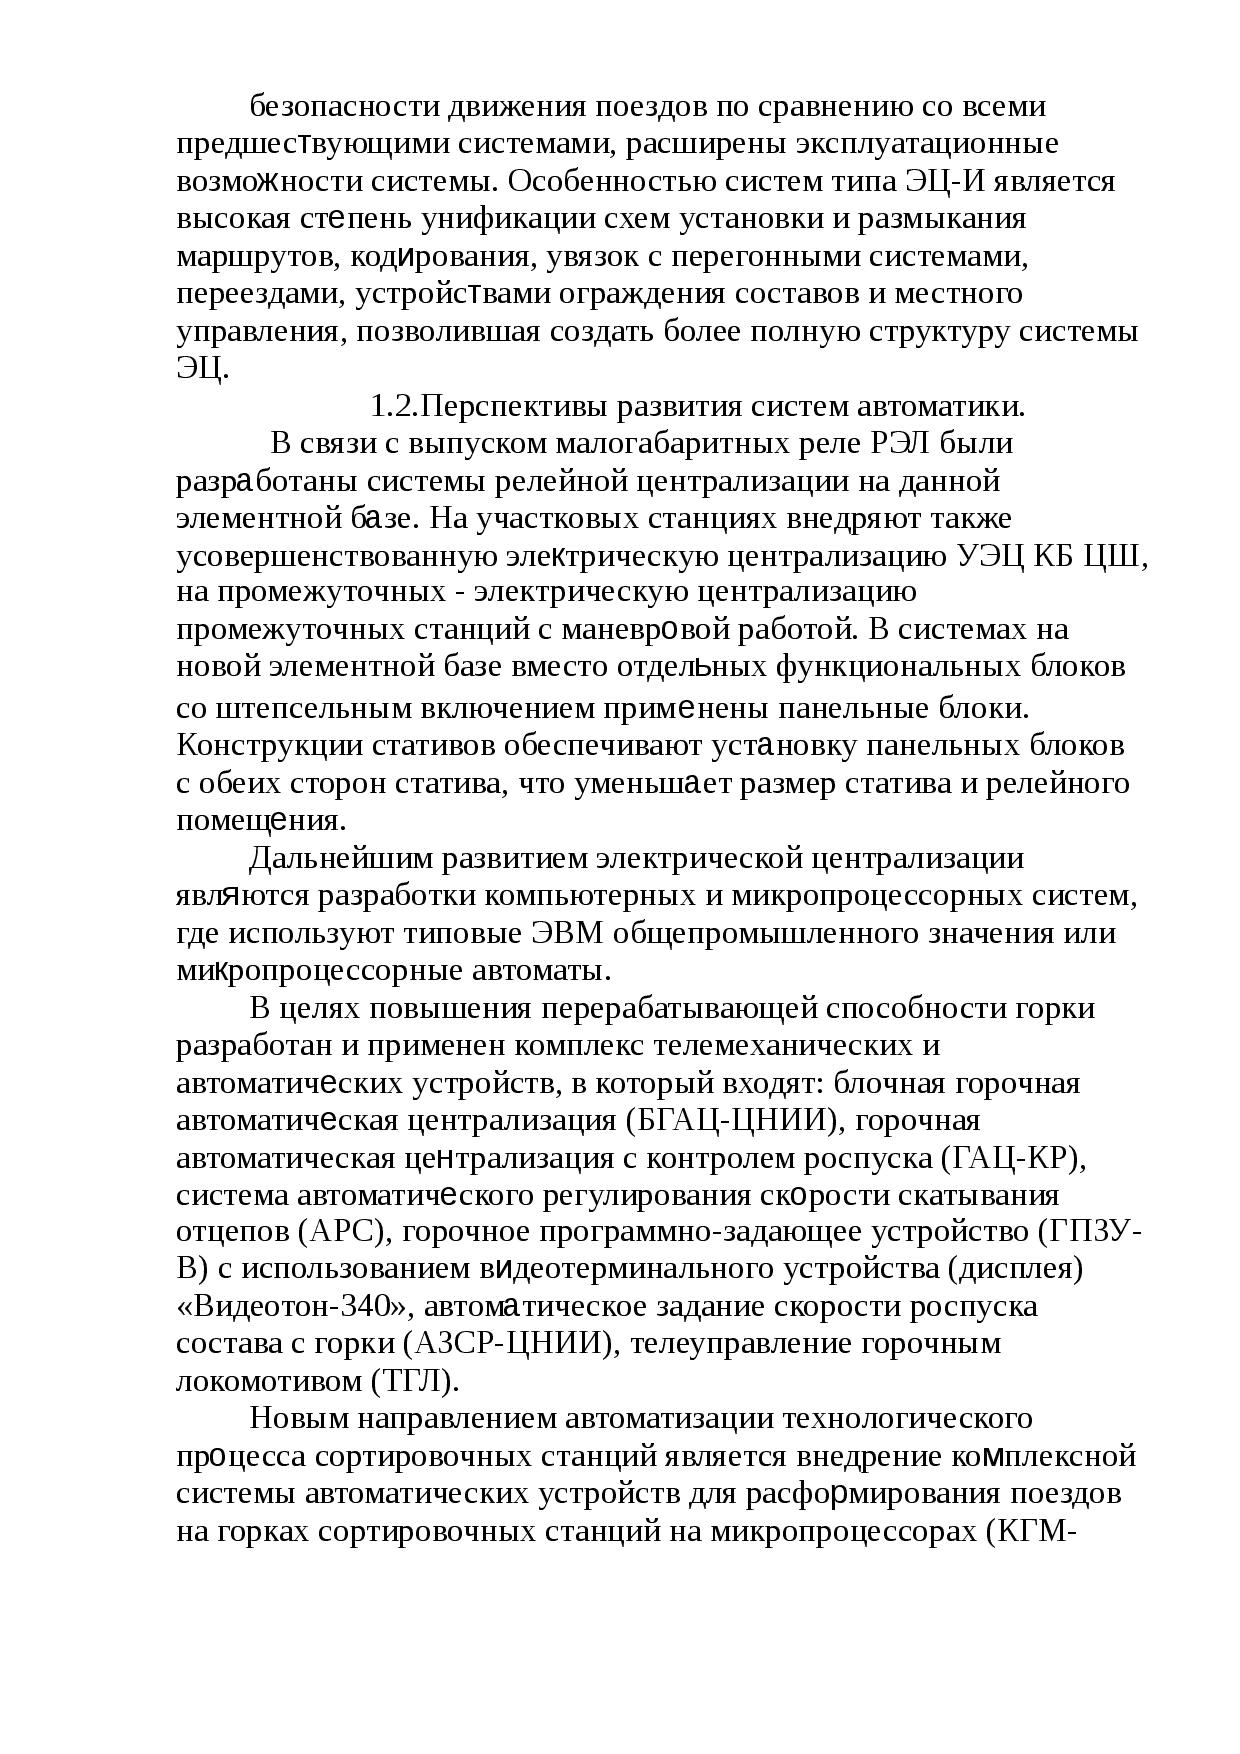 Регулирование централизованных стрелок - страница 16